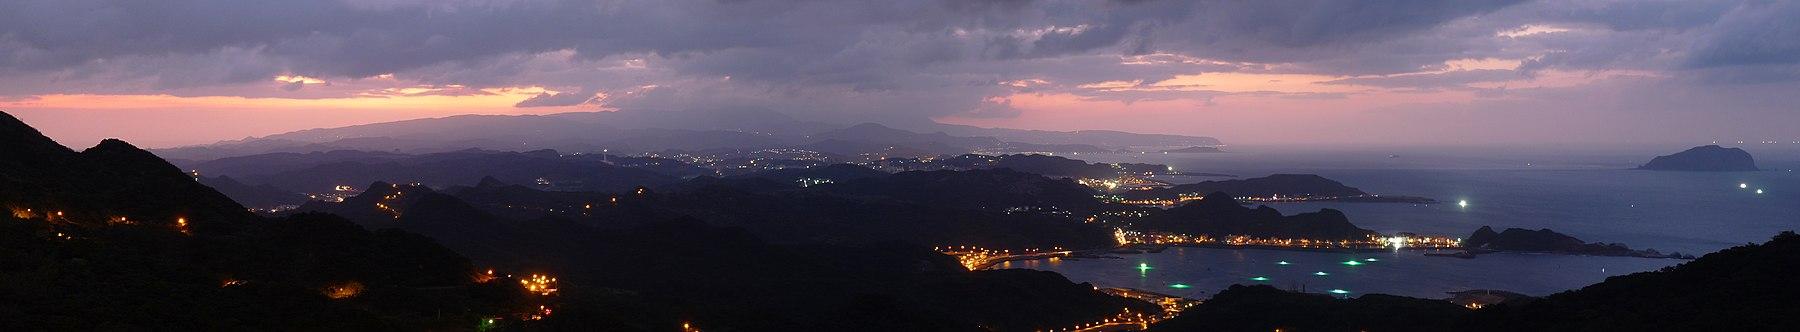 Jiufen - panoramio (3).jpg